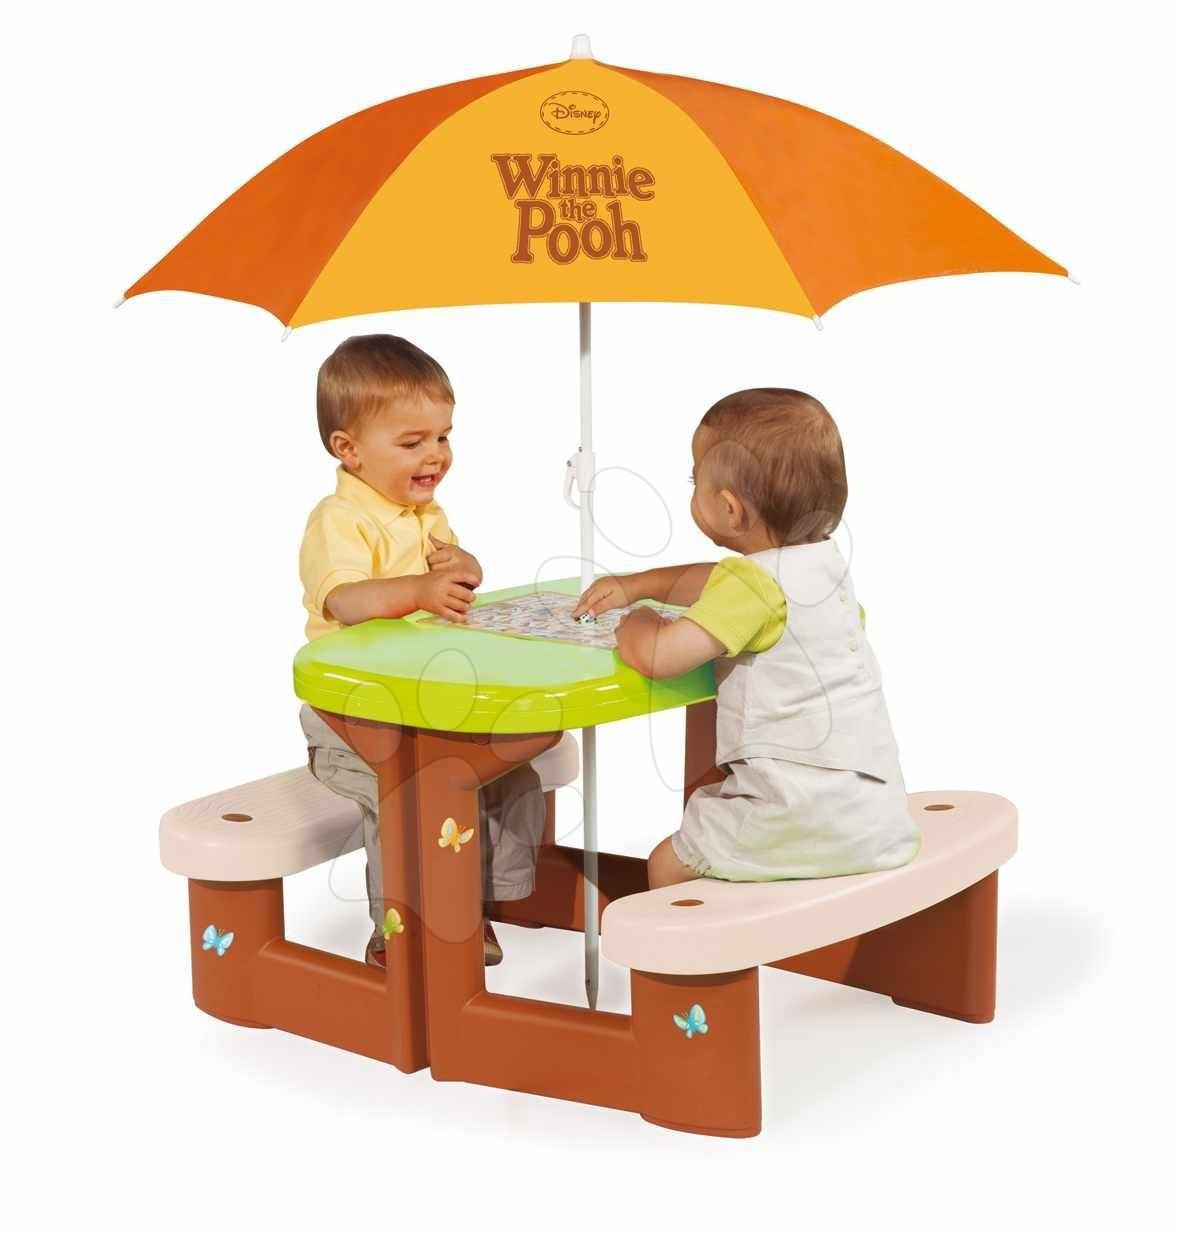 Hnedo-zelený piknikový stôl Smoby so spoločenskou hrou Macko Pooh od 24 mes